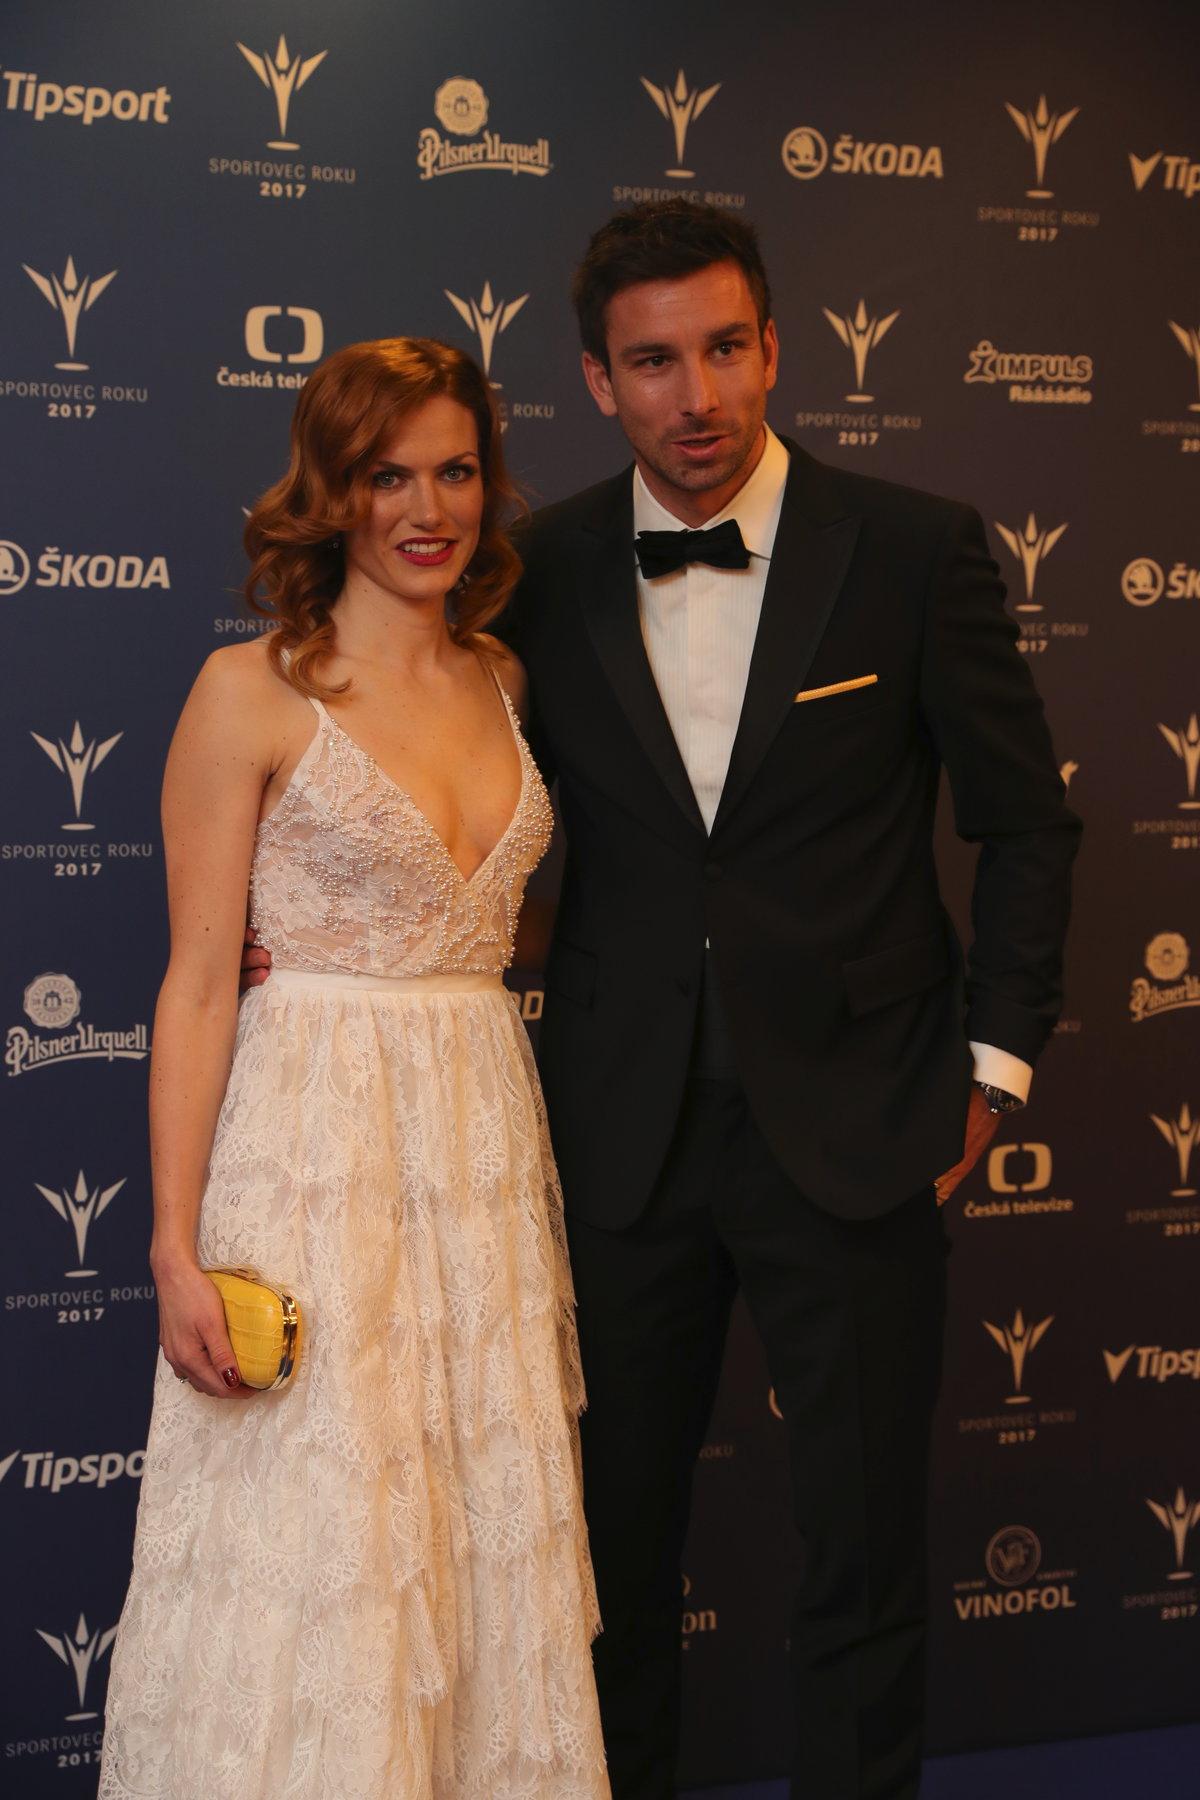 Gabriela Koukalová s manželem Petrem na vyhlášení ankety Sportovec roku